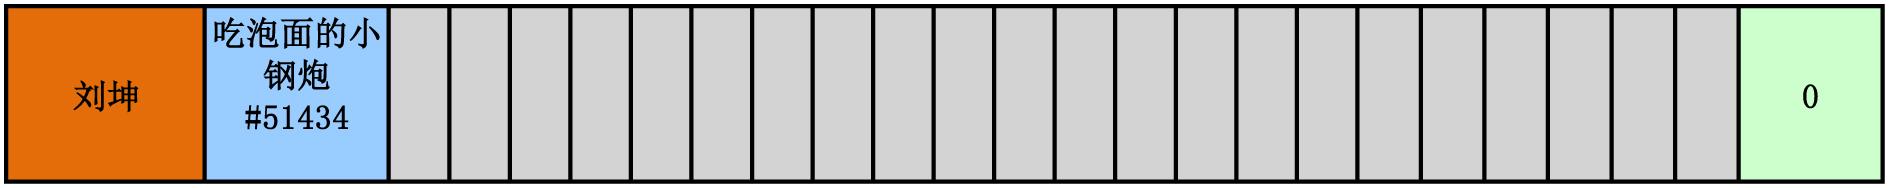 WES炉石传说选手积分统计(截止到二十二周)-7.jpg